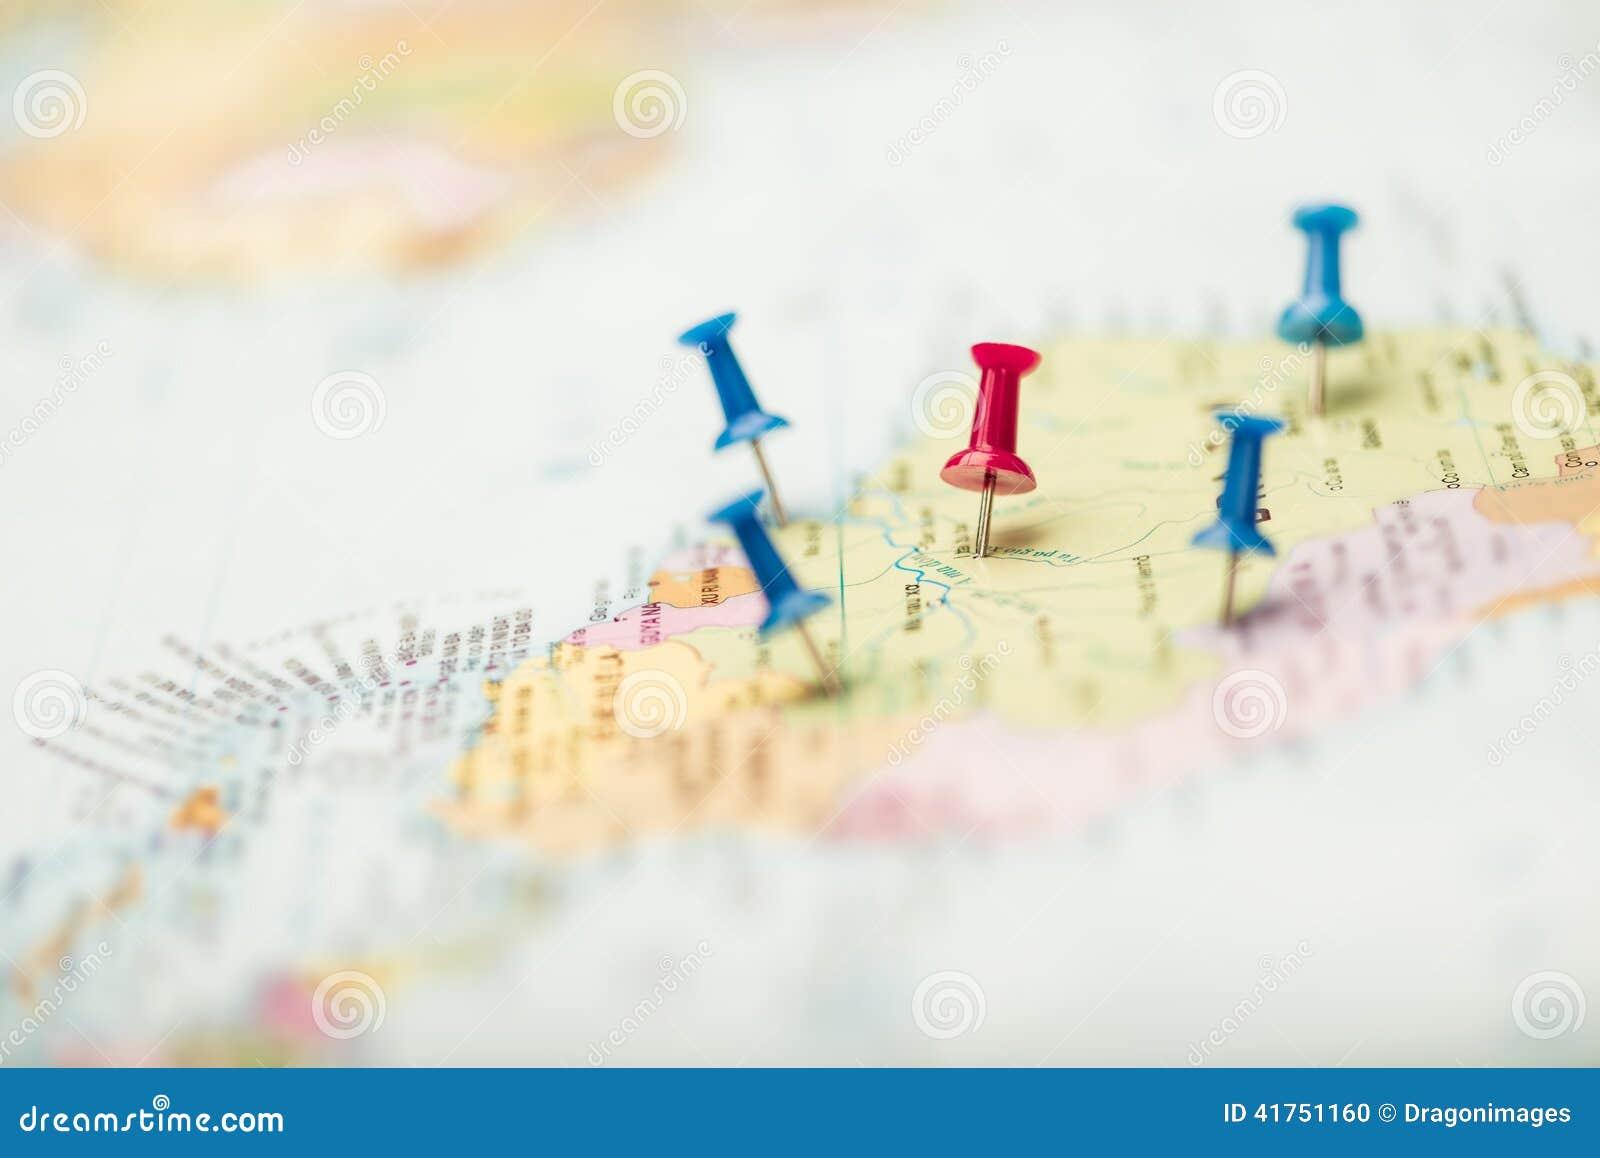 Pushpins на карте